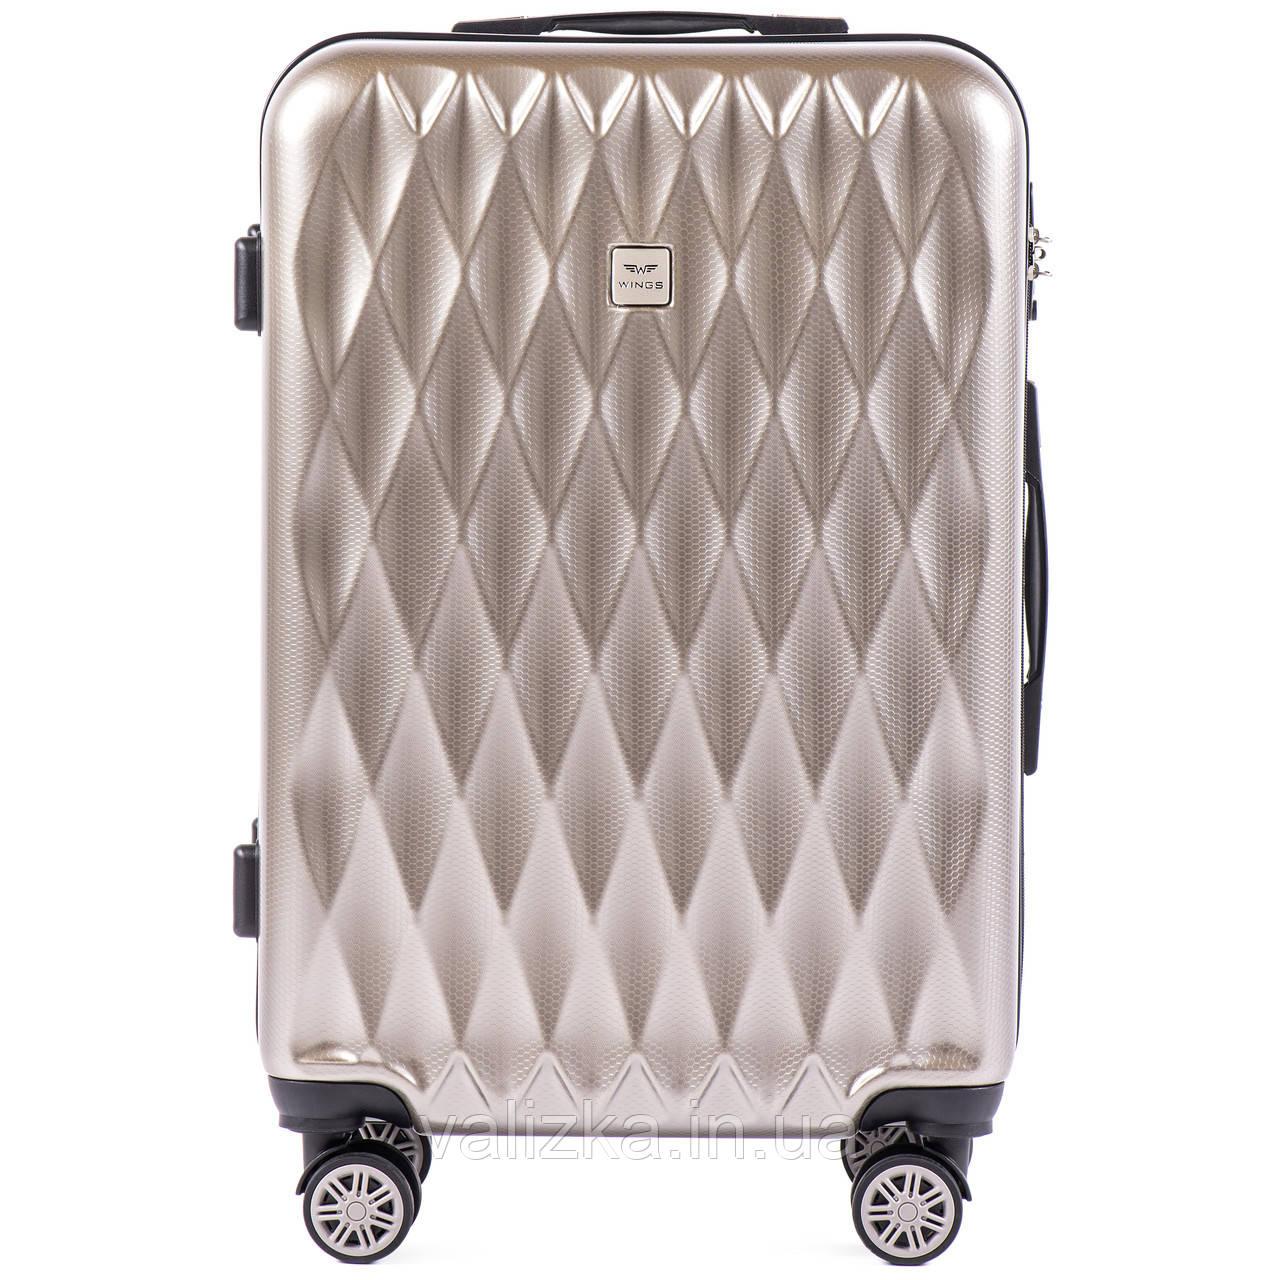 Средний чемодан из поликарбоната премиум серии для ручной клади на 4-х двойных колесах серебристый